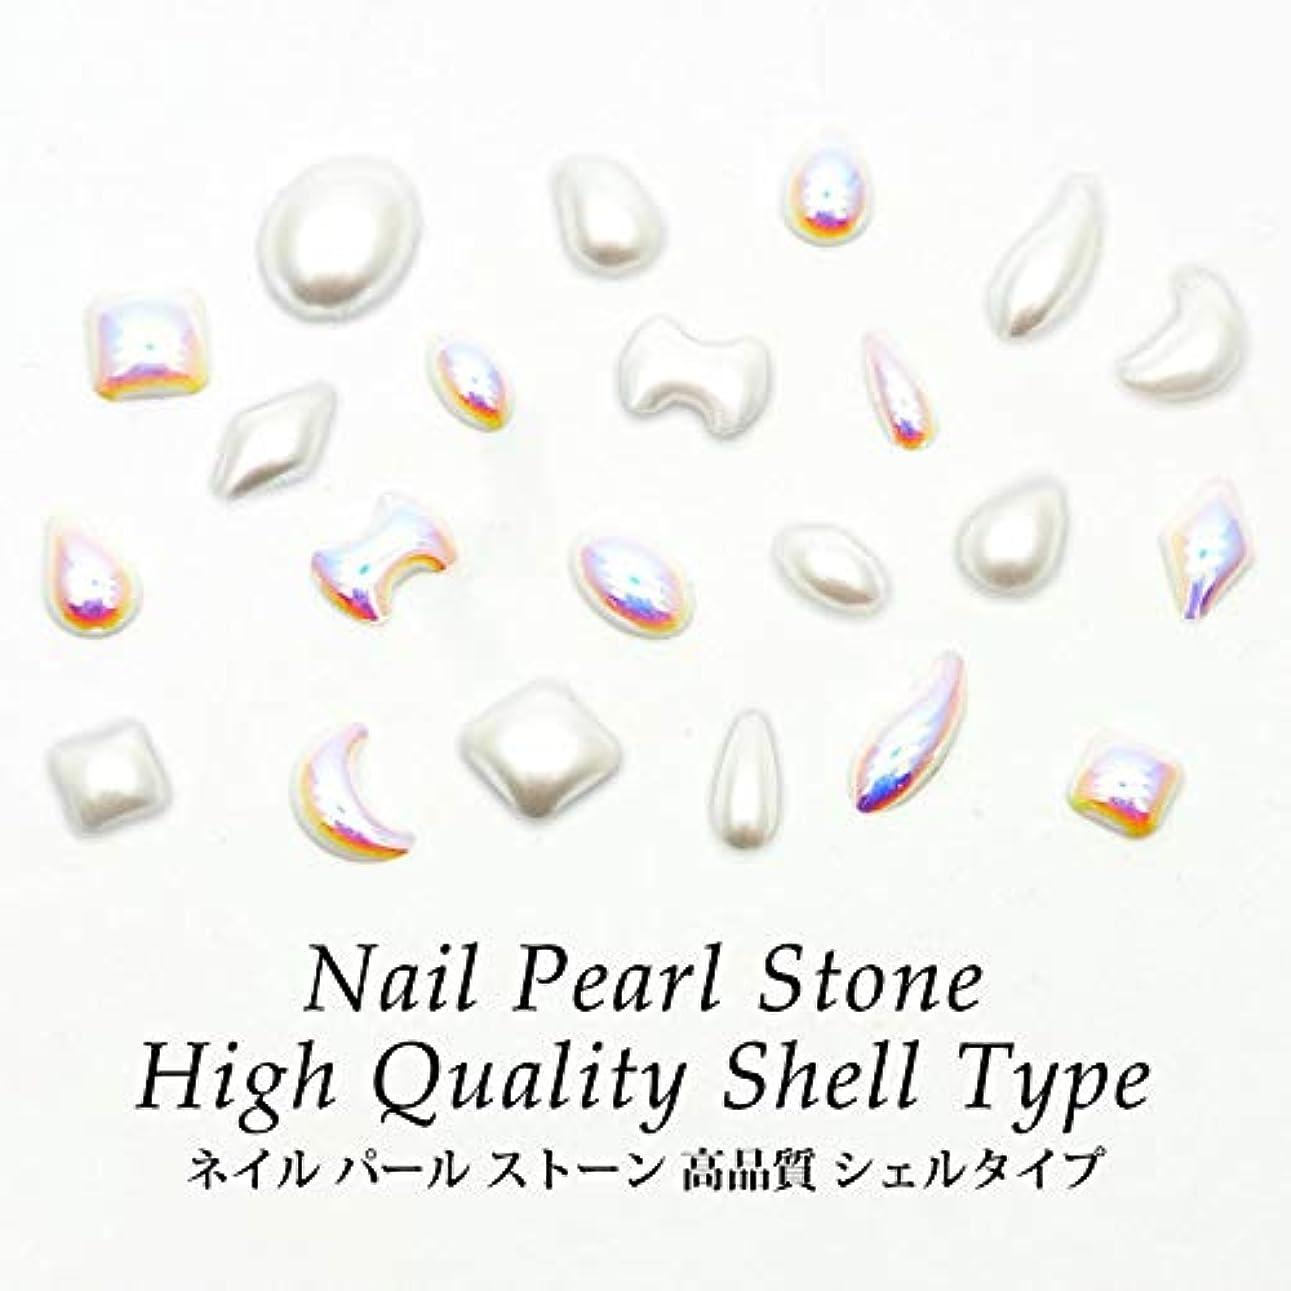 ネイル パール ストーン 高品質 シェルタイプ 各種 20個入り (6.オーバル(中) 約4mm×6mm, シェルホワイト)